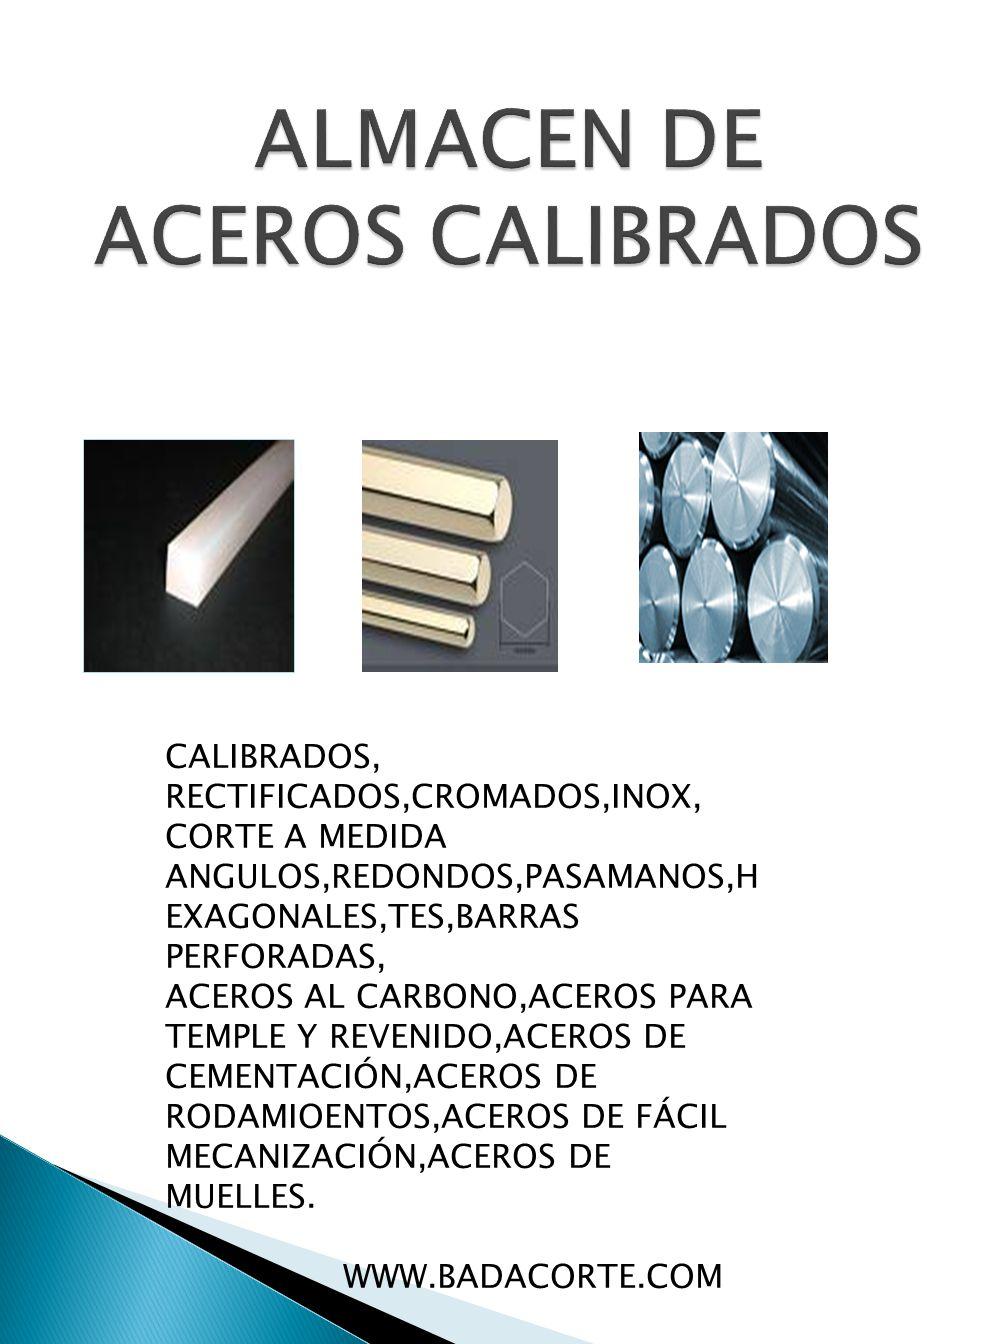 ALMACEN DE ACEROS CALIBRADOS